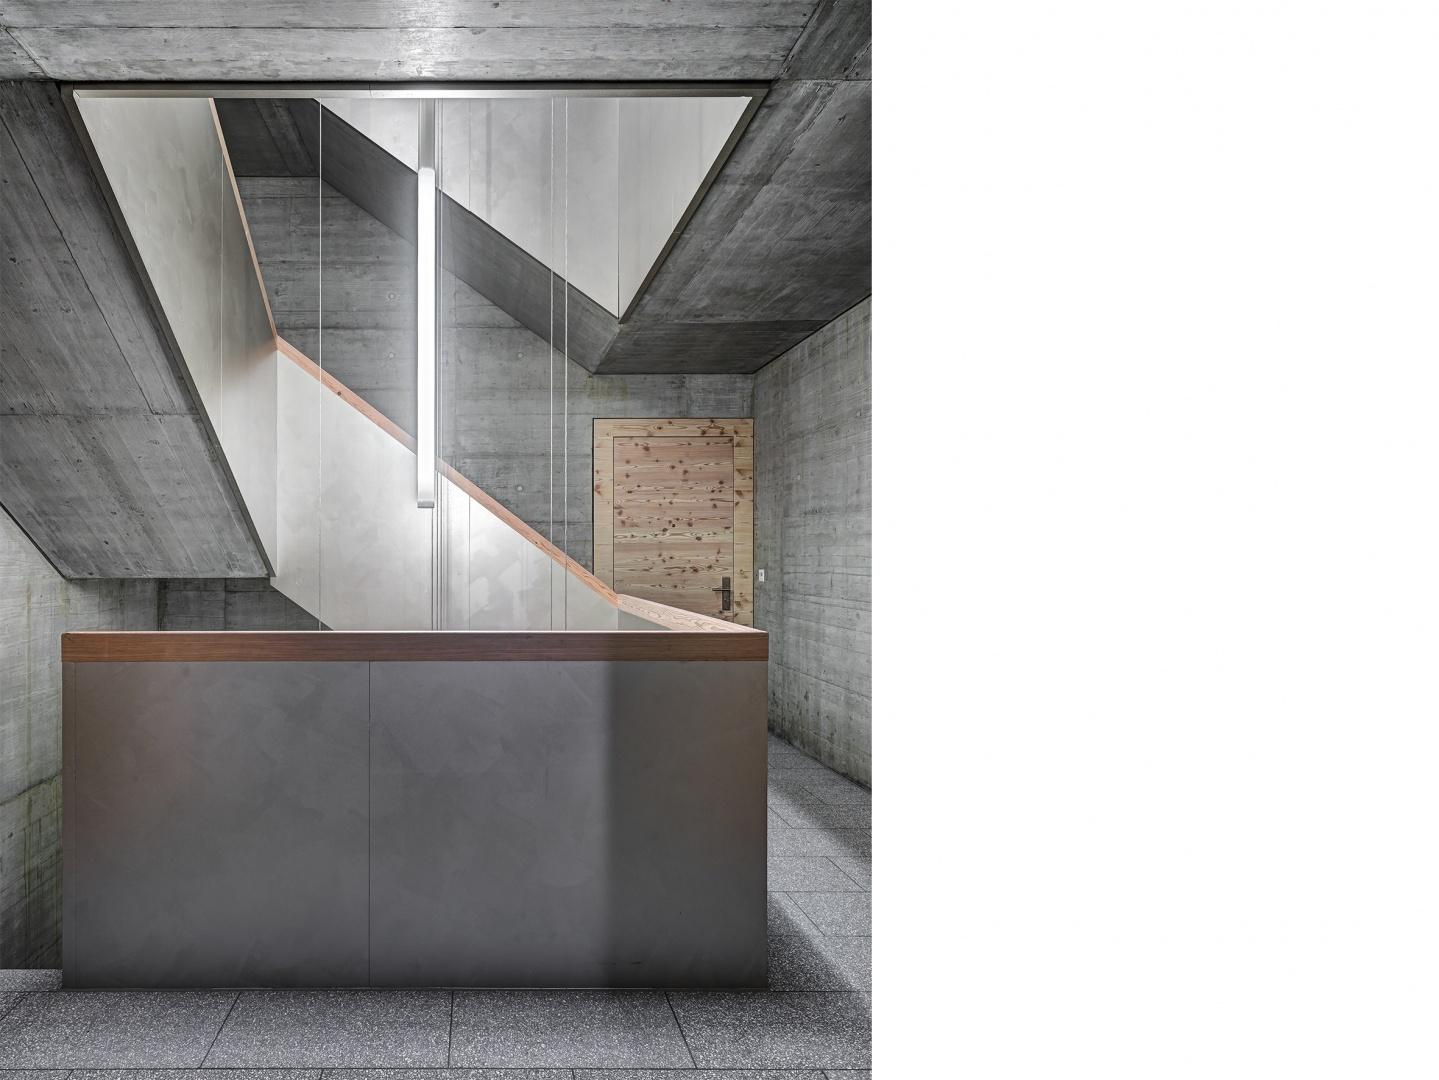 Treppenhaus © Bild: Roger Frei, Zürich